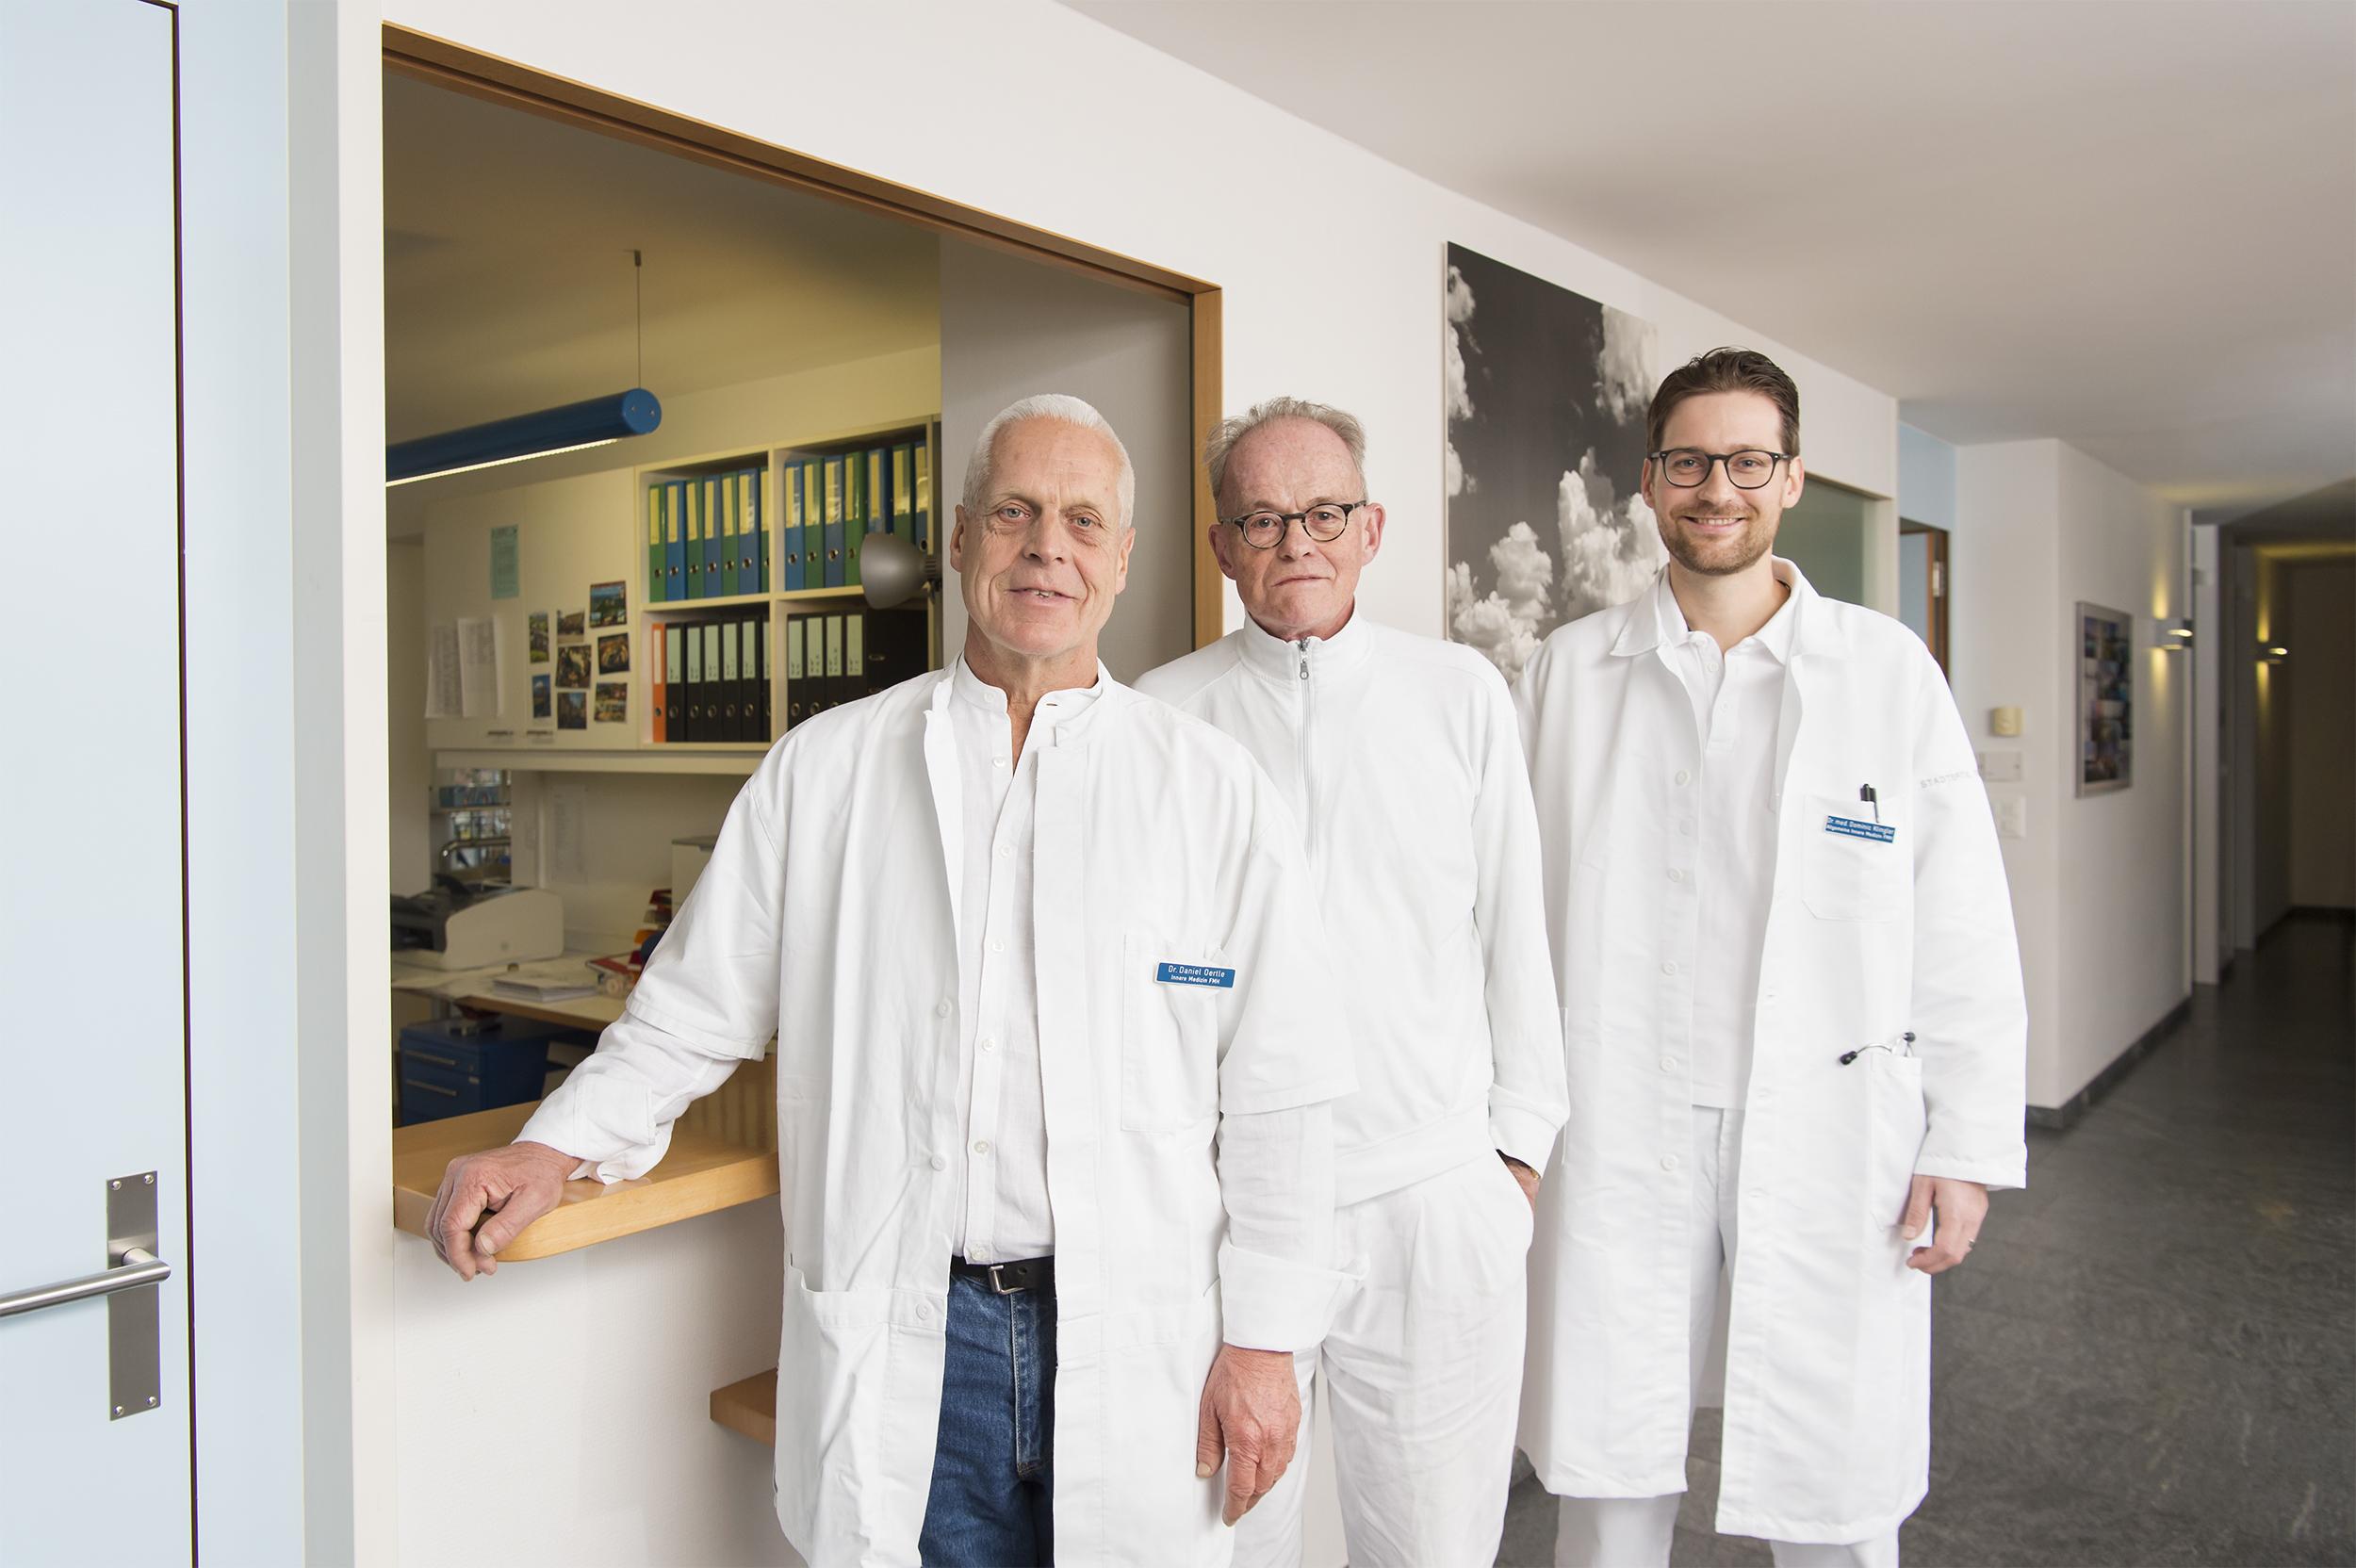 Gruppenbild der Ärzte der Arztpraxis Kreis 9. Dr. Oertle, Dr. Maggi und Dr. Klingler.